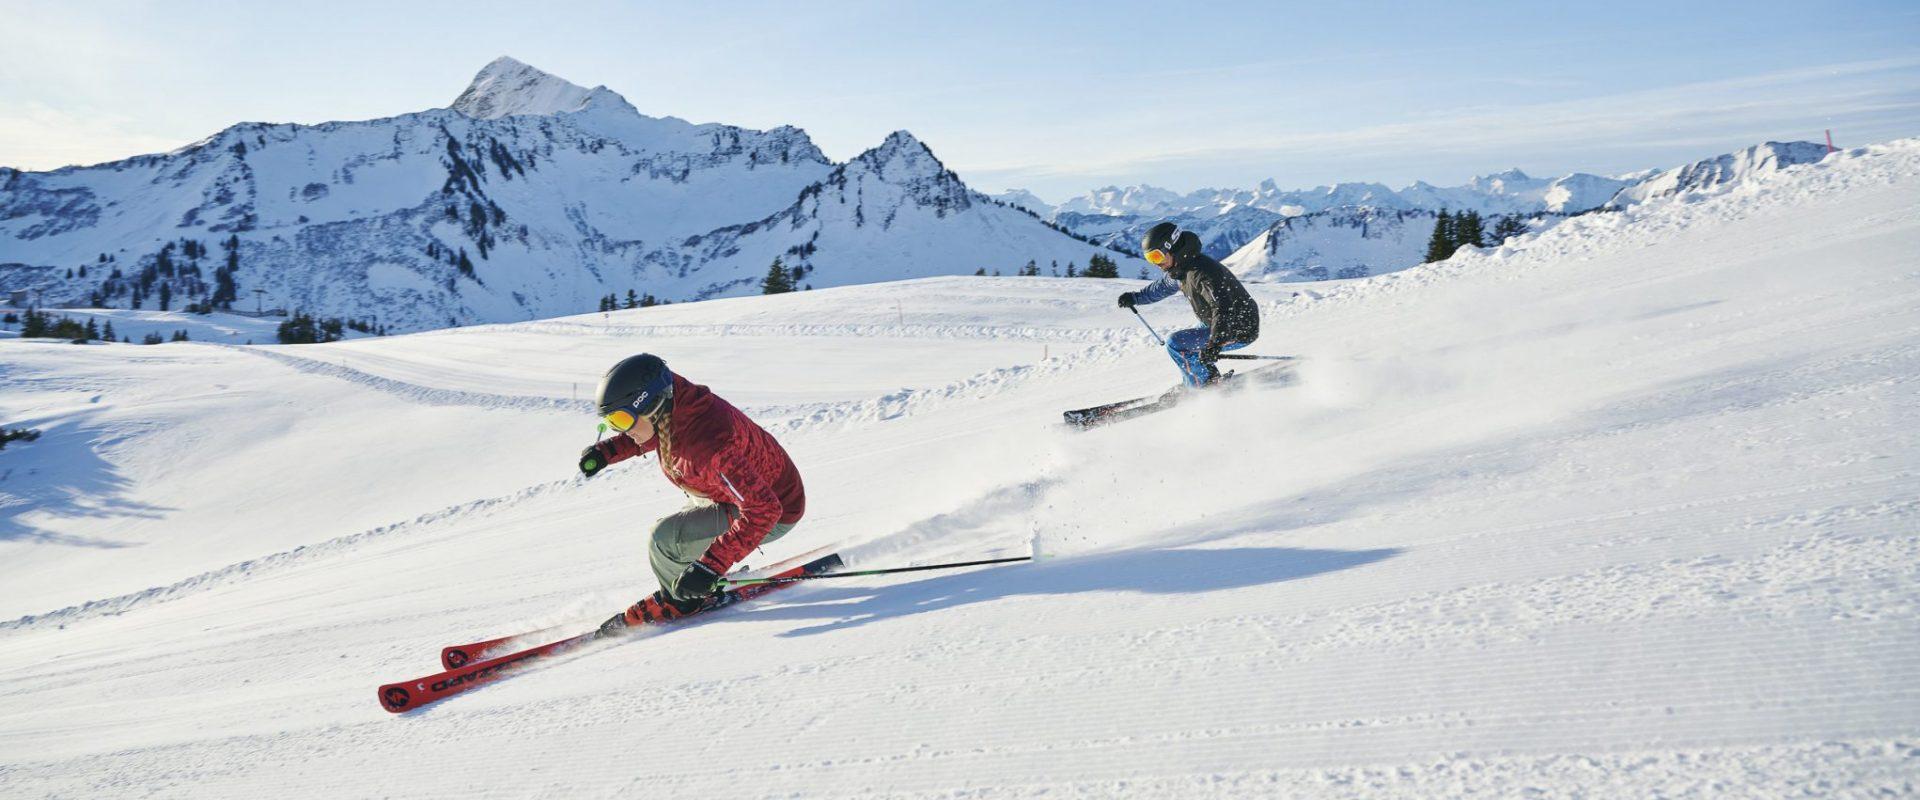 Skiing in Damüls-Mellau